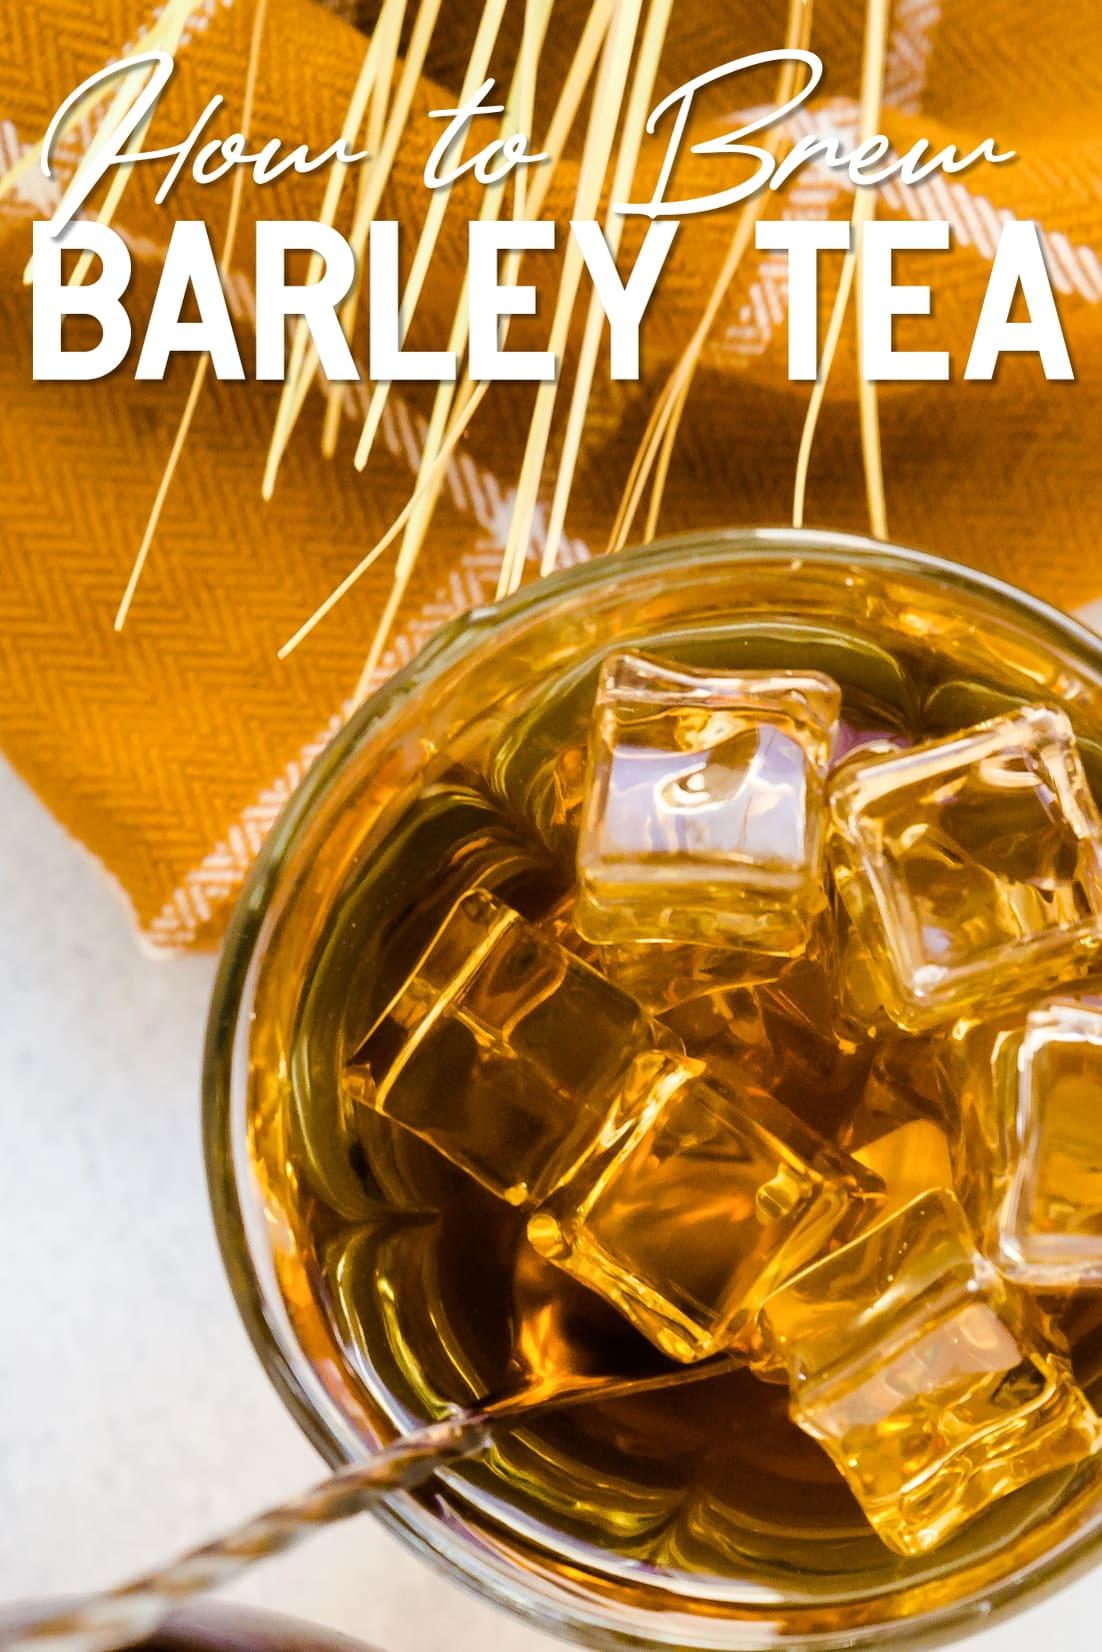 Barley Tea Mugicha in a cup